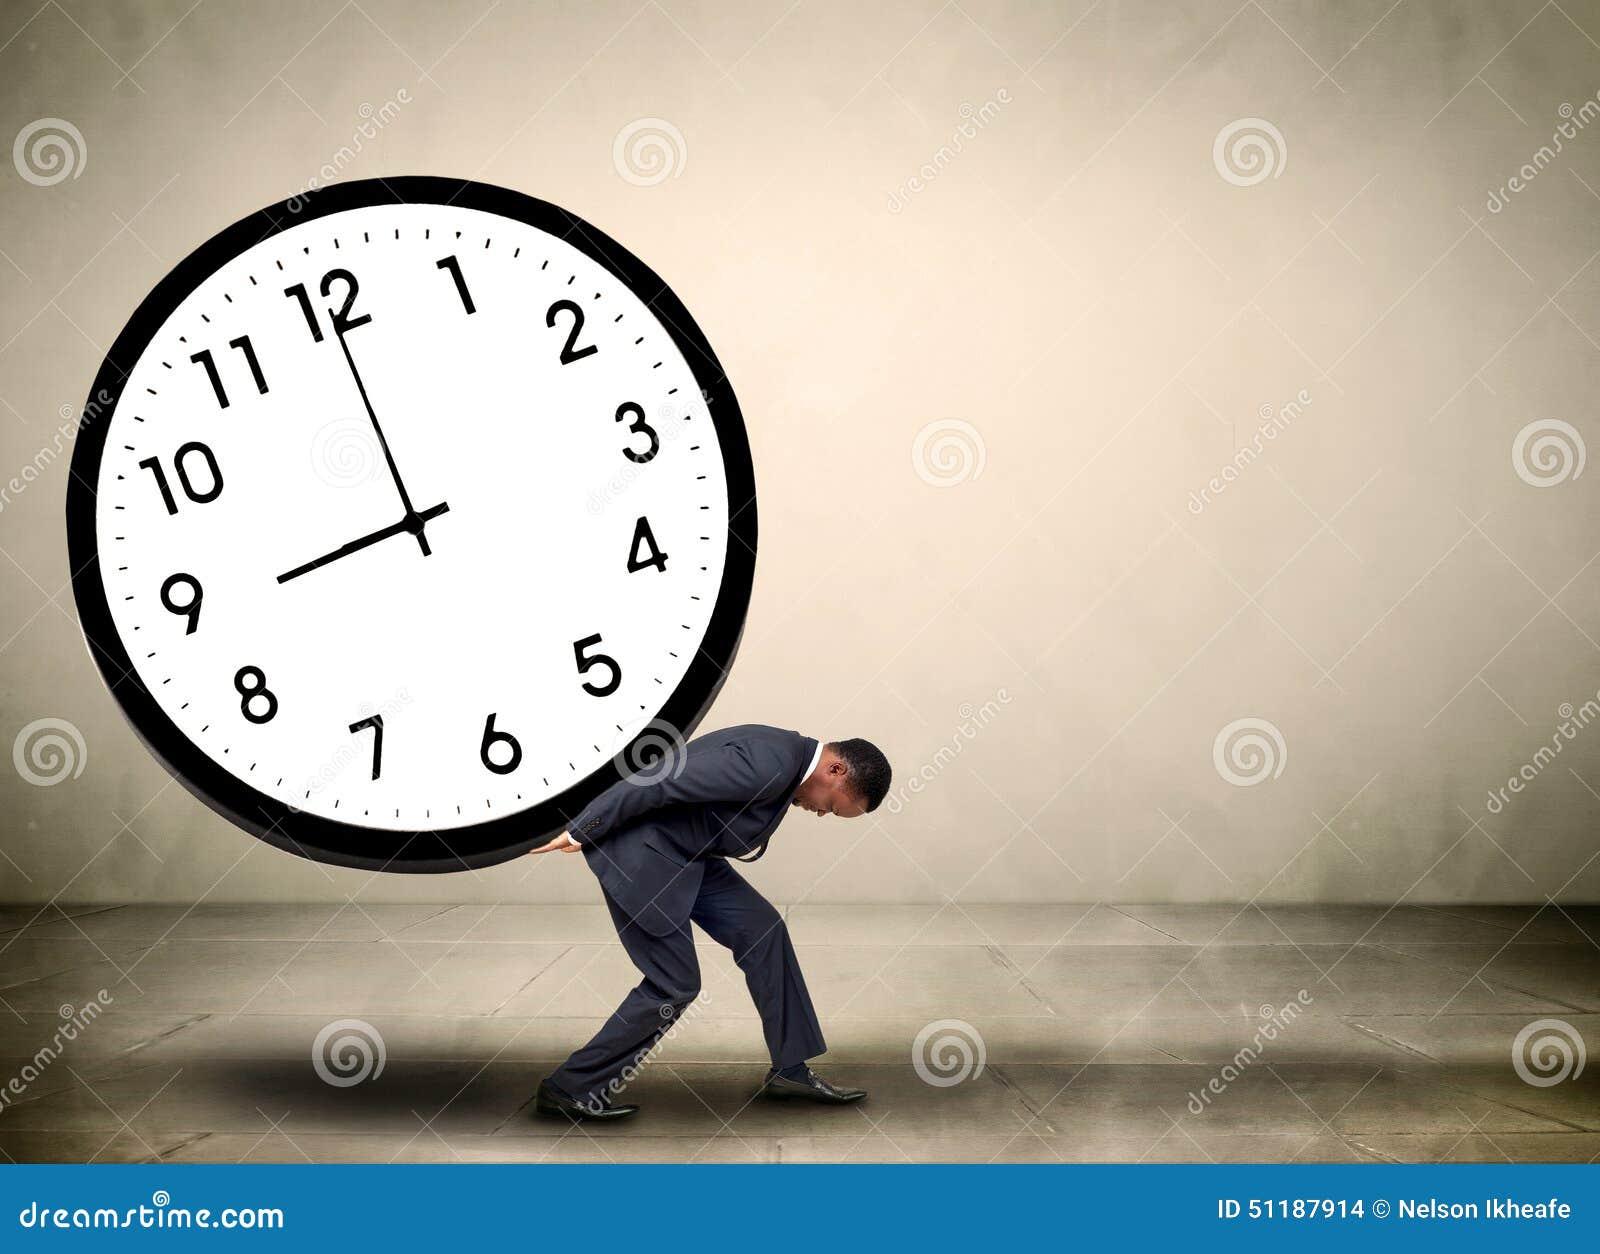 Conceito da pressão de tempo